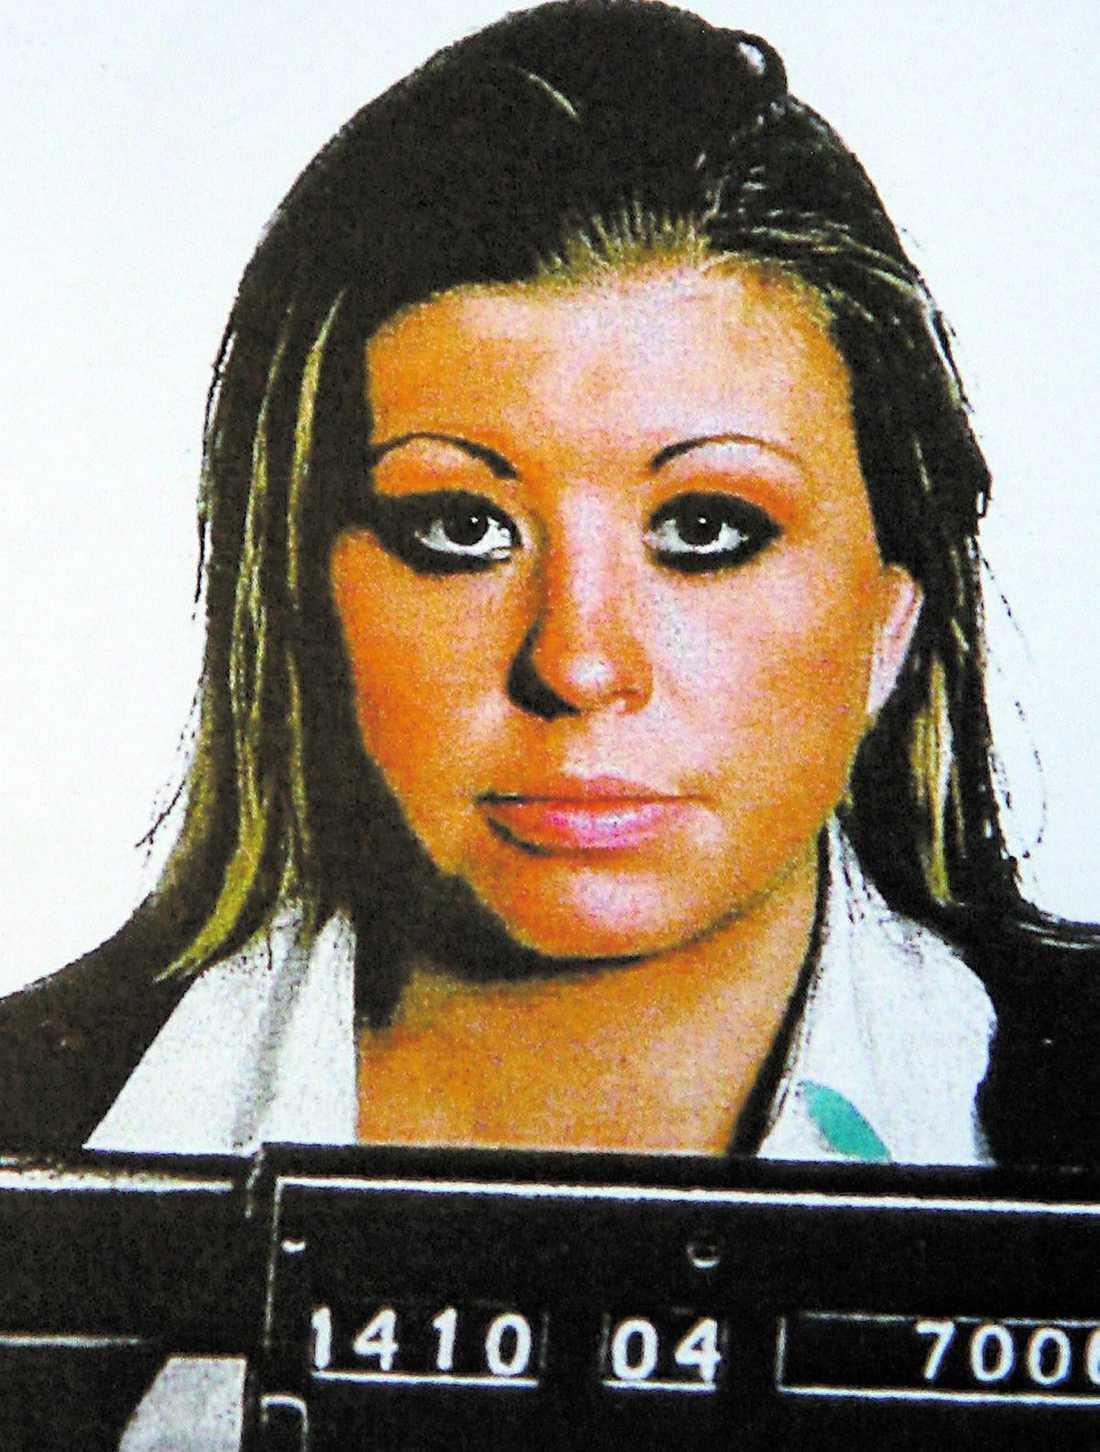 Efterlyst Storbedragerskan Ingela Jansson, 27, är på fri fot. Med charm, list och gränslös fräckhet blåste hon folk och företag på 1,6